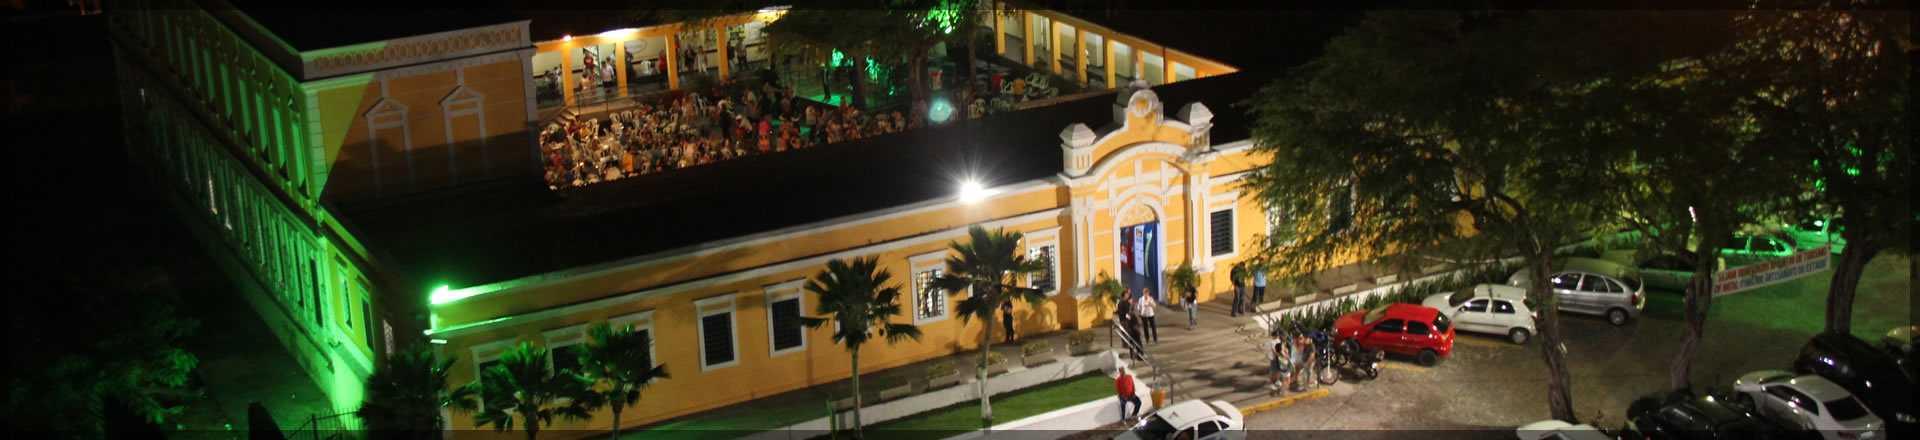 Restaurante Marenosso Centro Historico